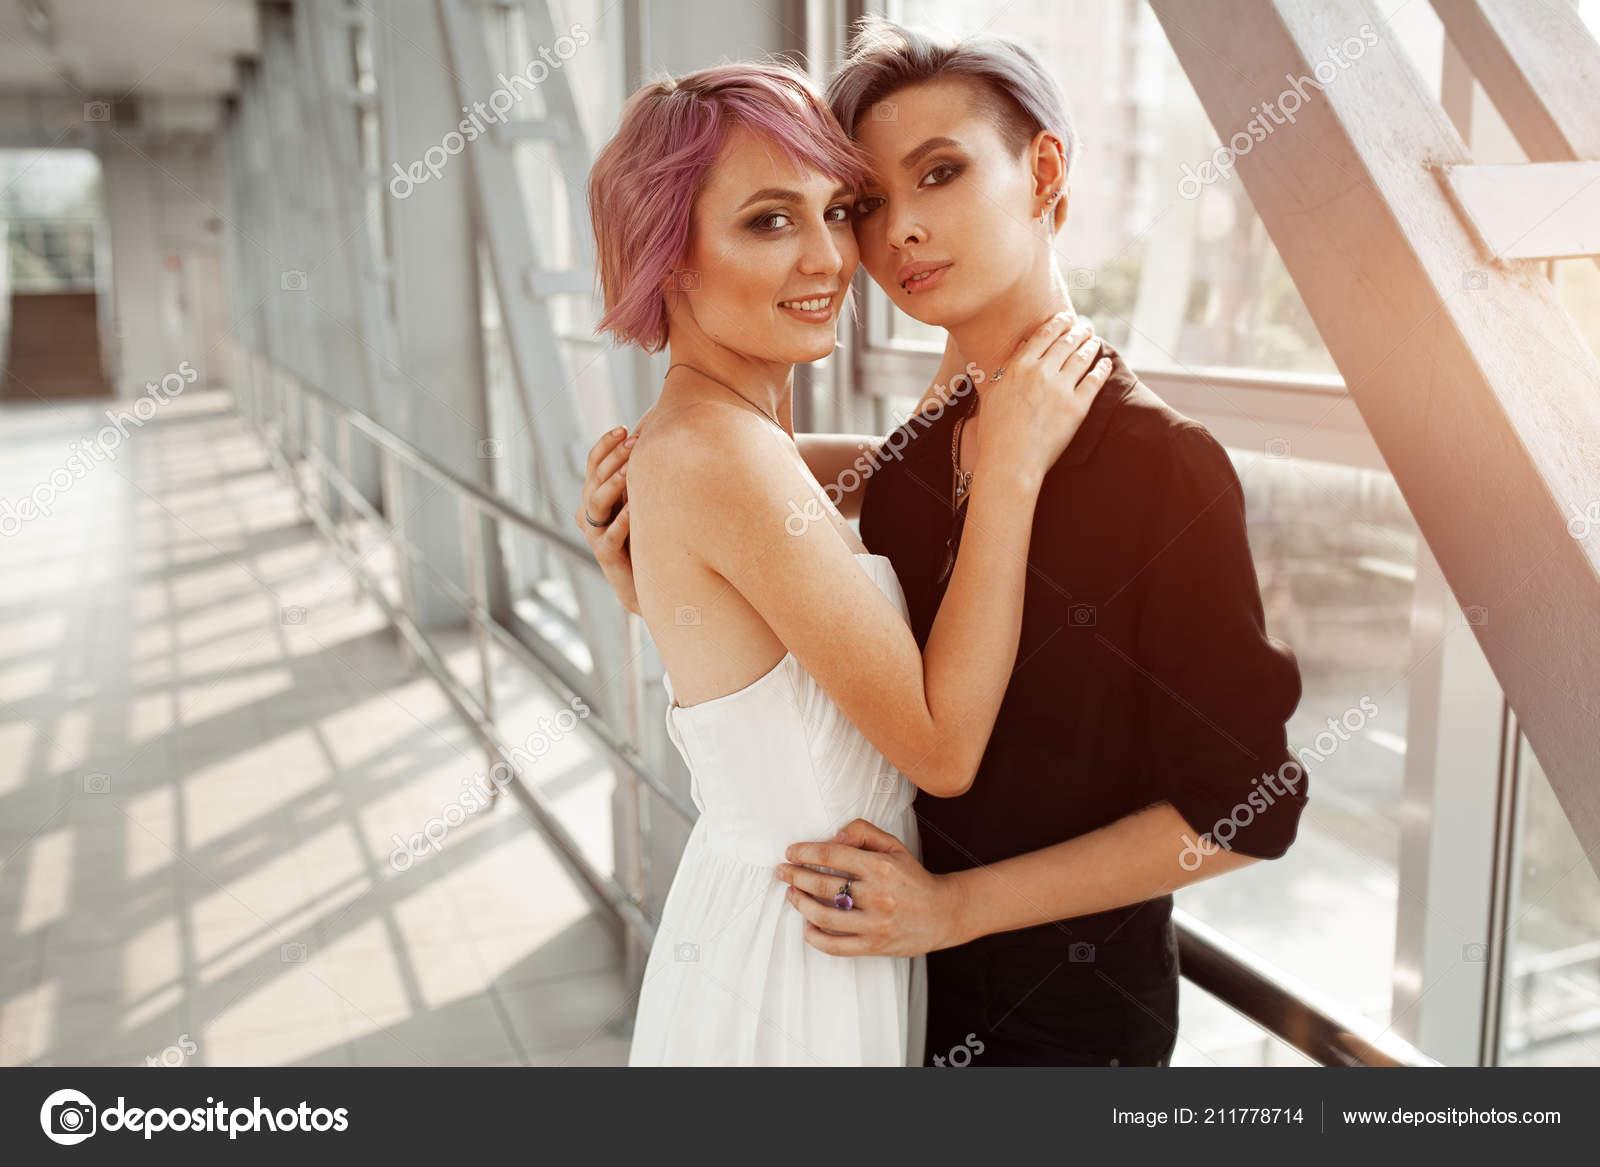 σεξ και η πόλη γκέι γάμο μαύρη γυναίκα δείχνει το μουνί